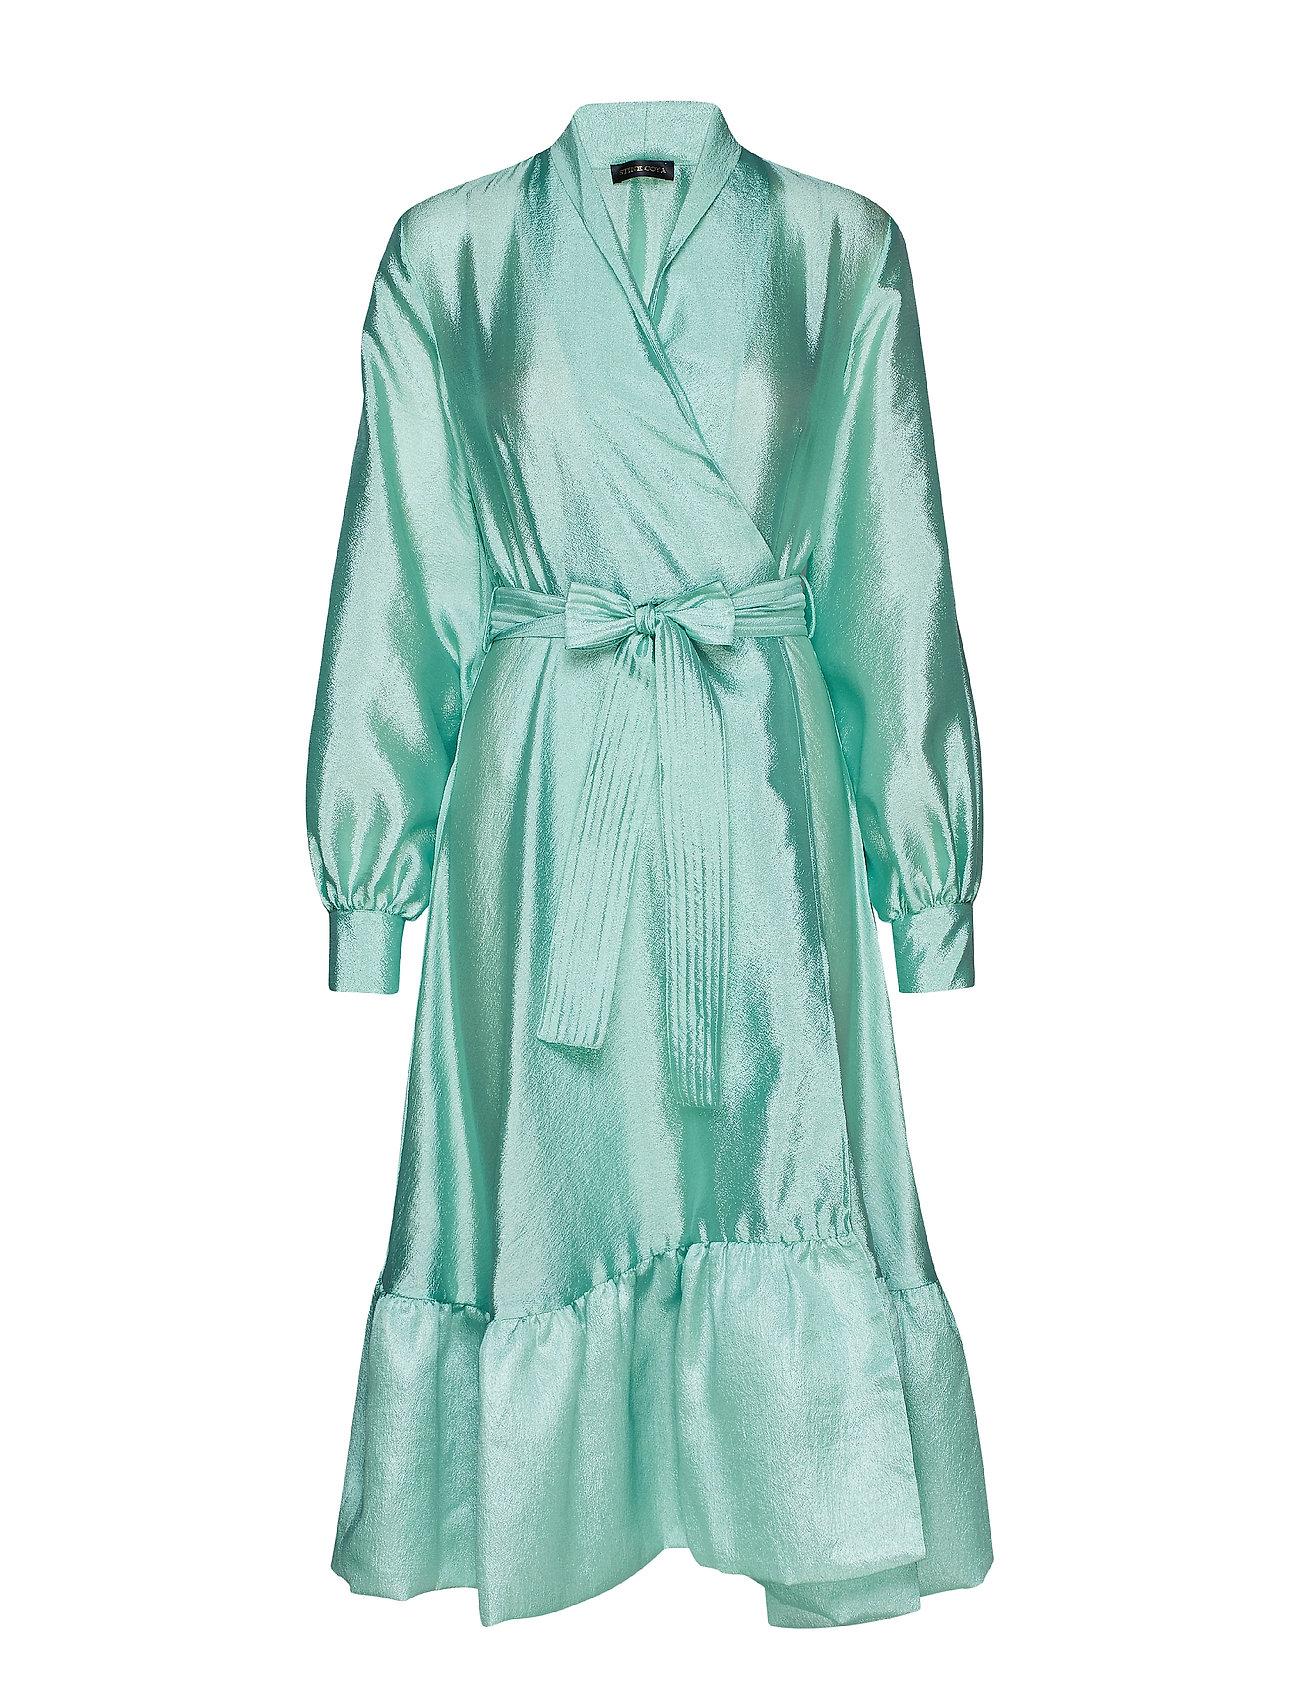 STINE GOYA Niki, 576 Textured Polyester - 1708 JADE